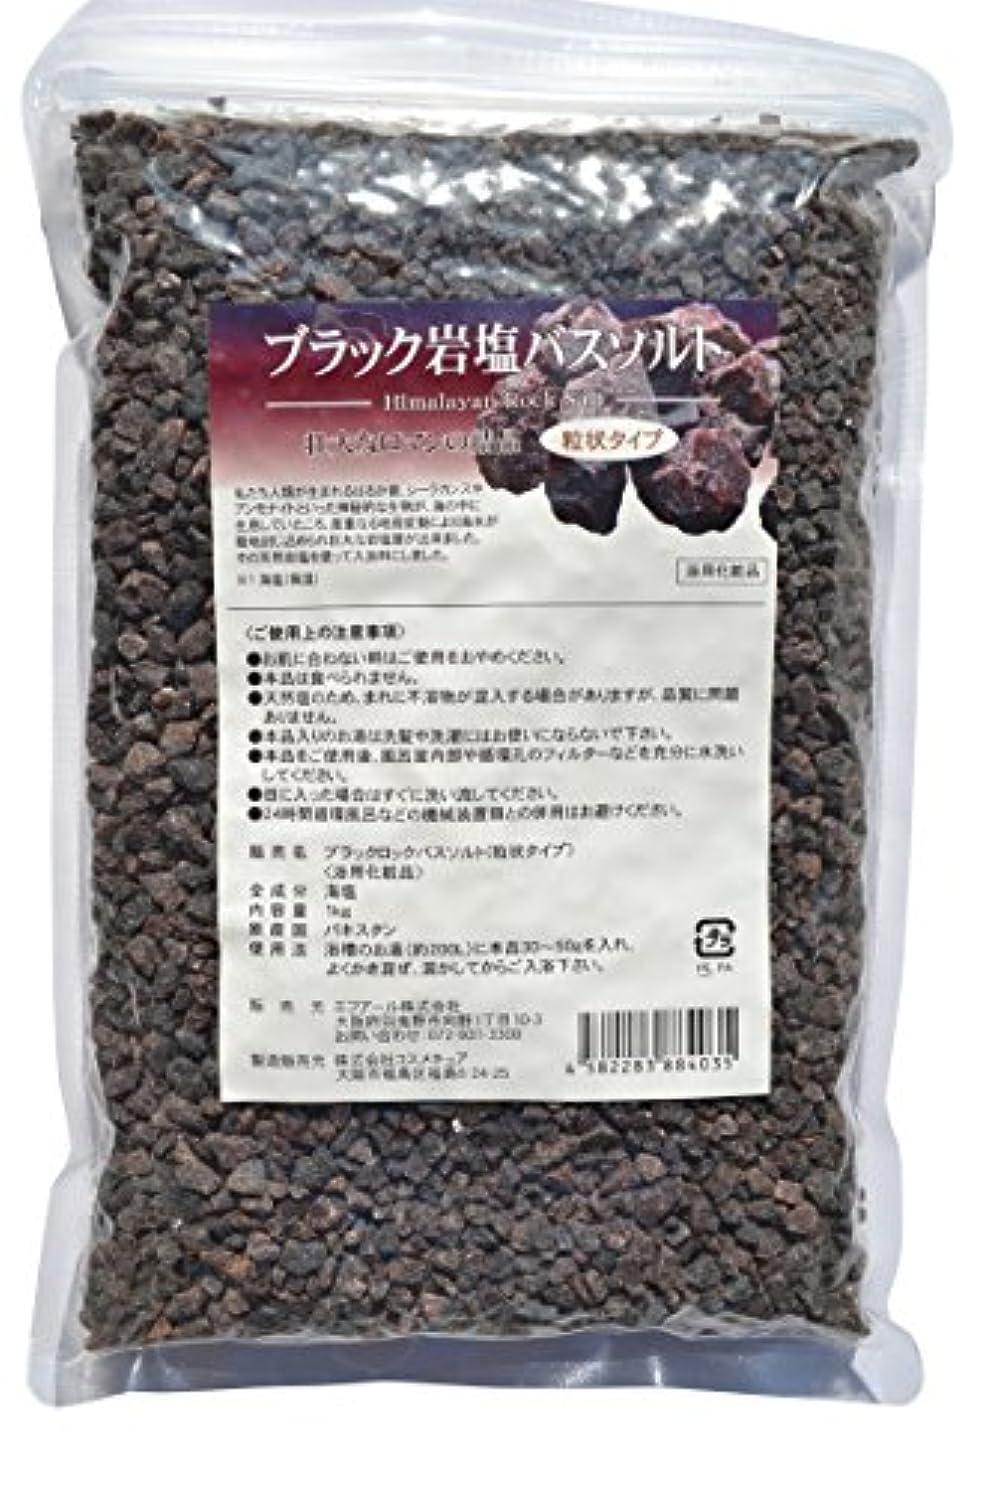 結晶コントラストクラシカルブラック岩塩 バスソルト 粒状タイプ 1kg